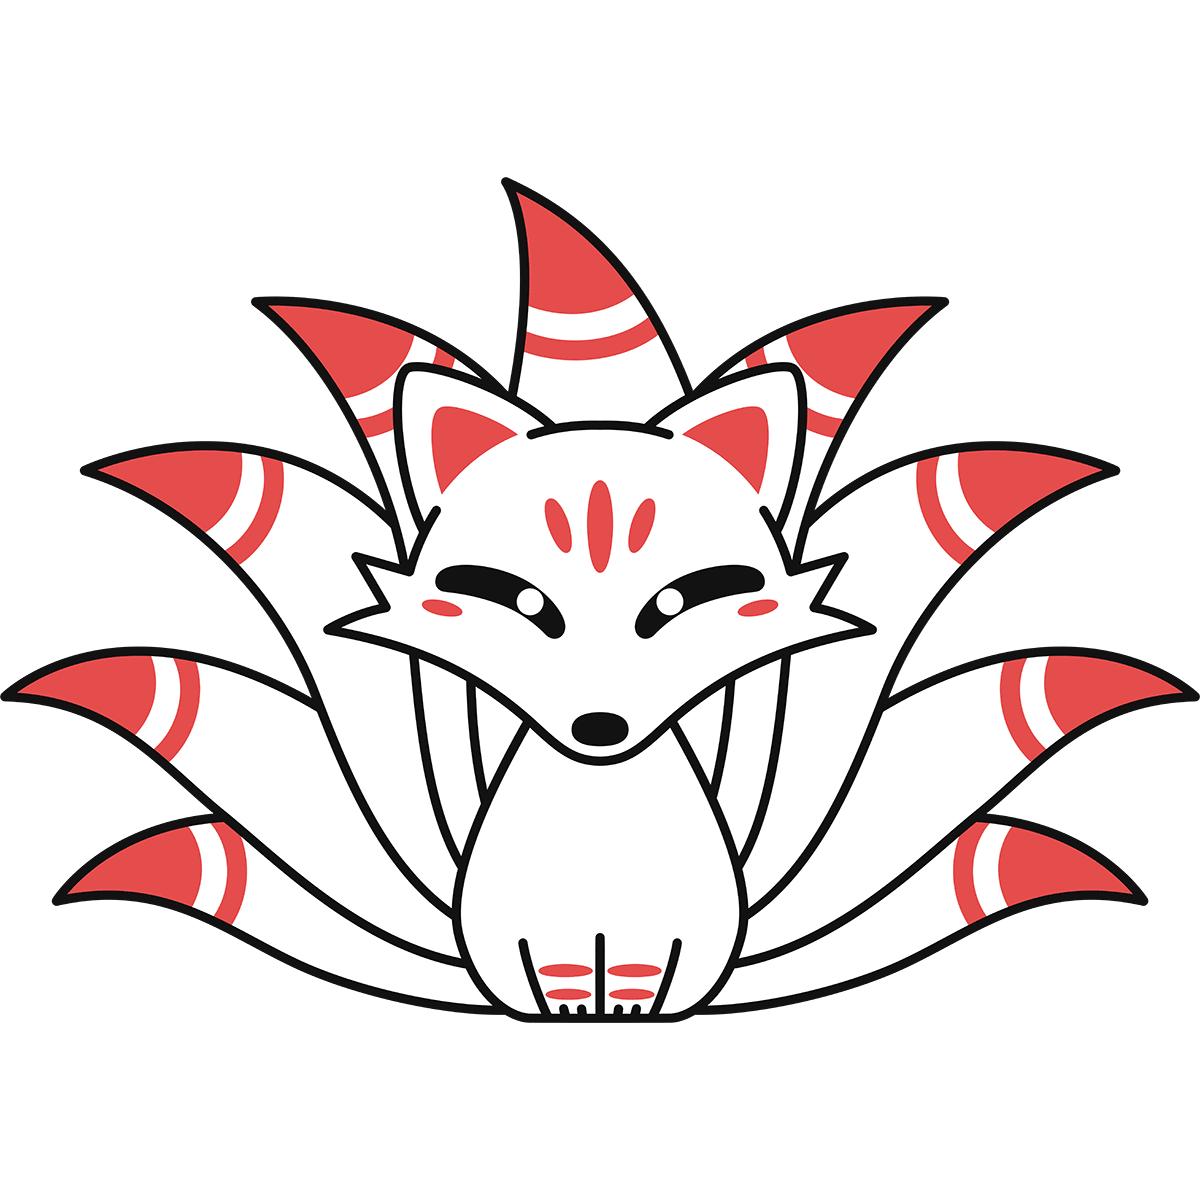 九尾の狐の無料イラスト